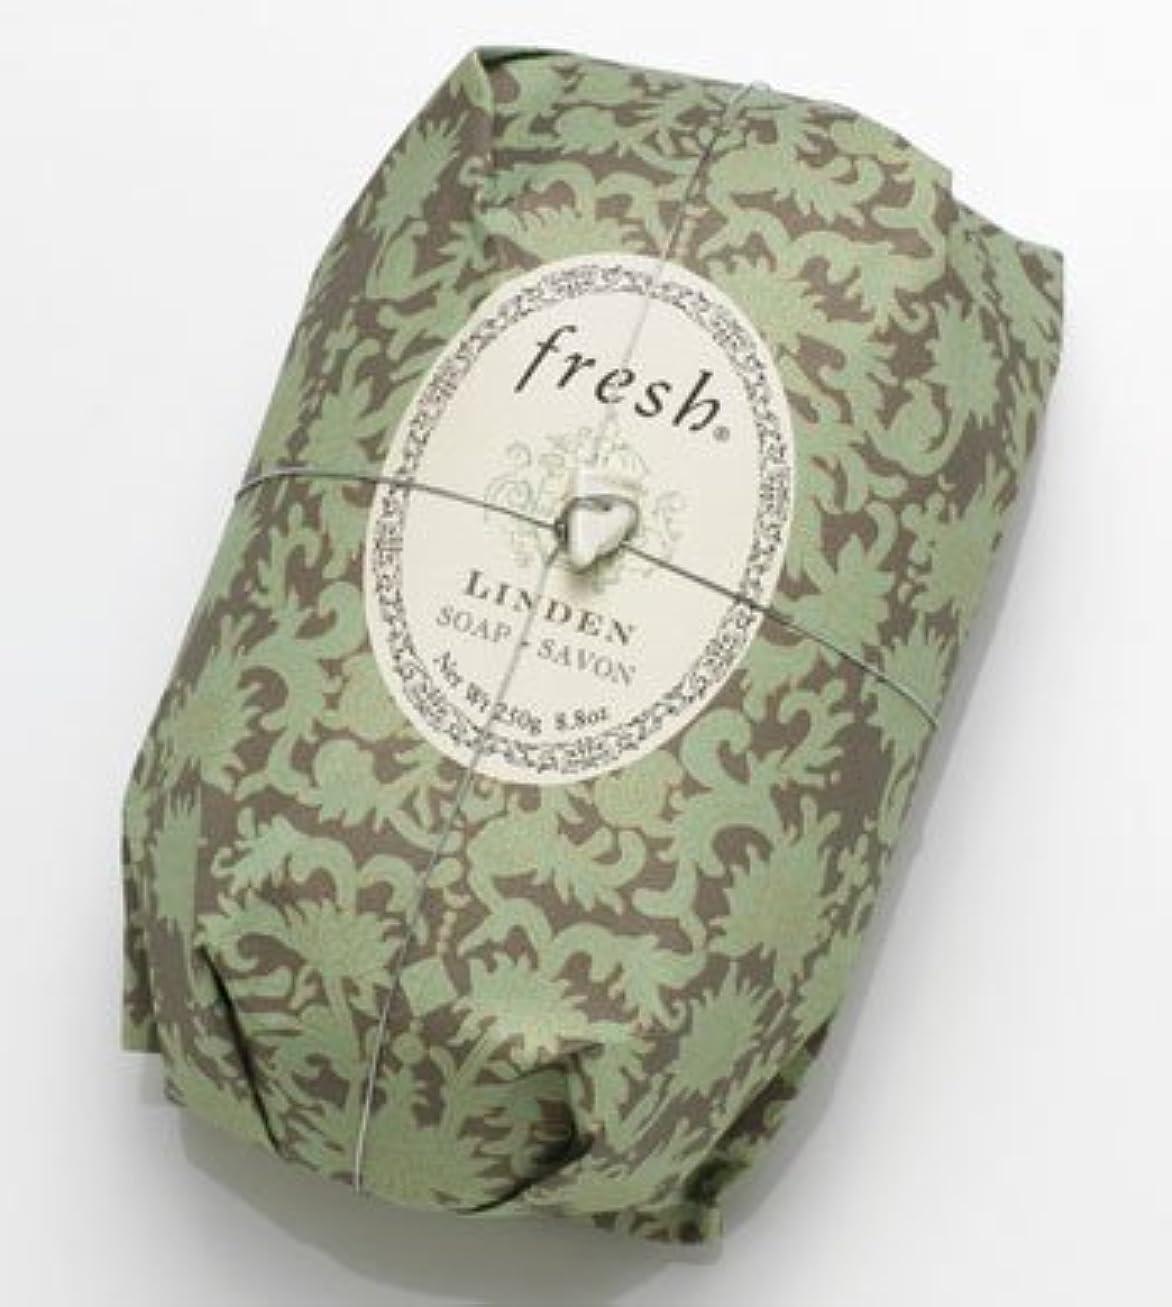 課す操作倫理的Fresh LINDEN SOAP (フレッシュ リンデン ソープ) 8.8 oz (250g) Soap (石鹸) by Fresh